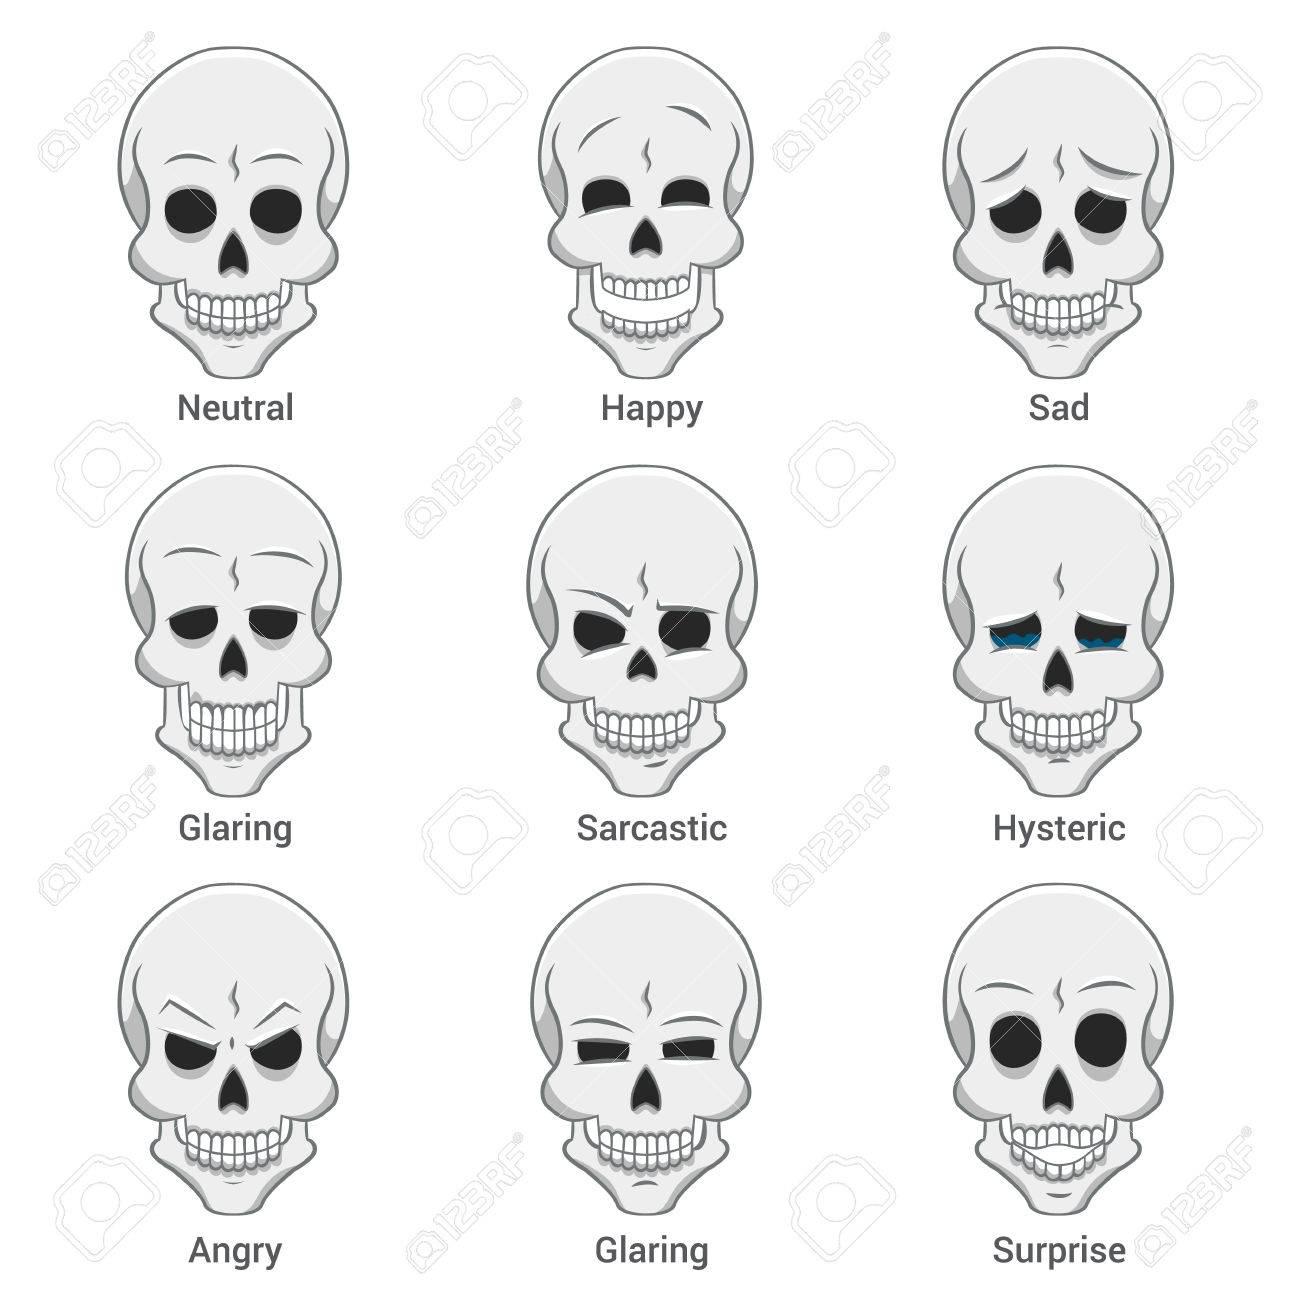 頭蓋骨顔の表情集のイラスト素材ベクタ Image 66568741